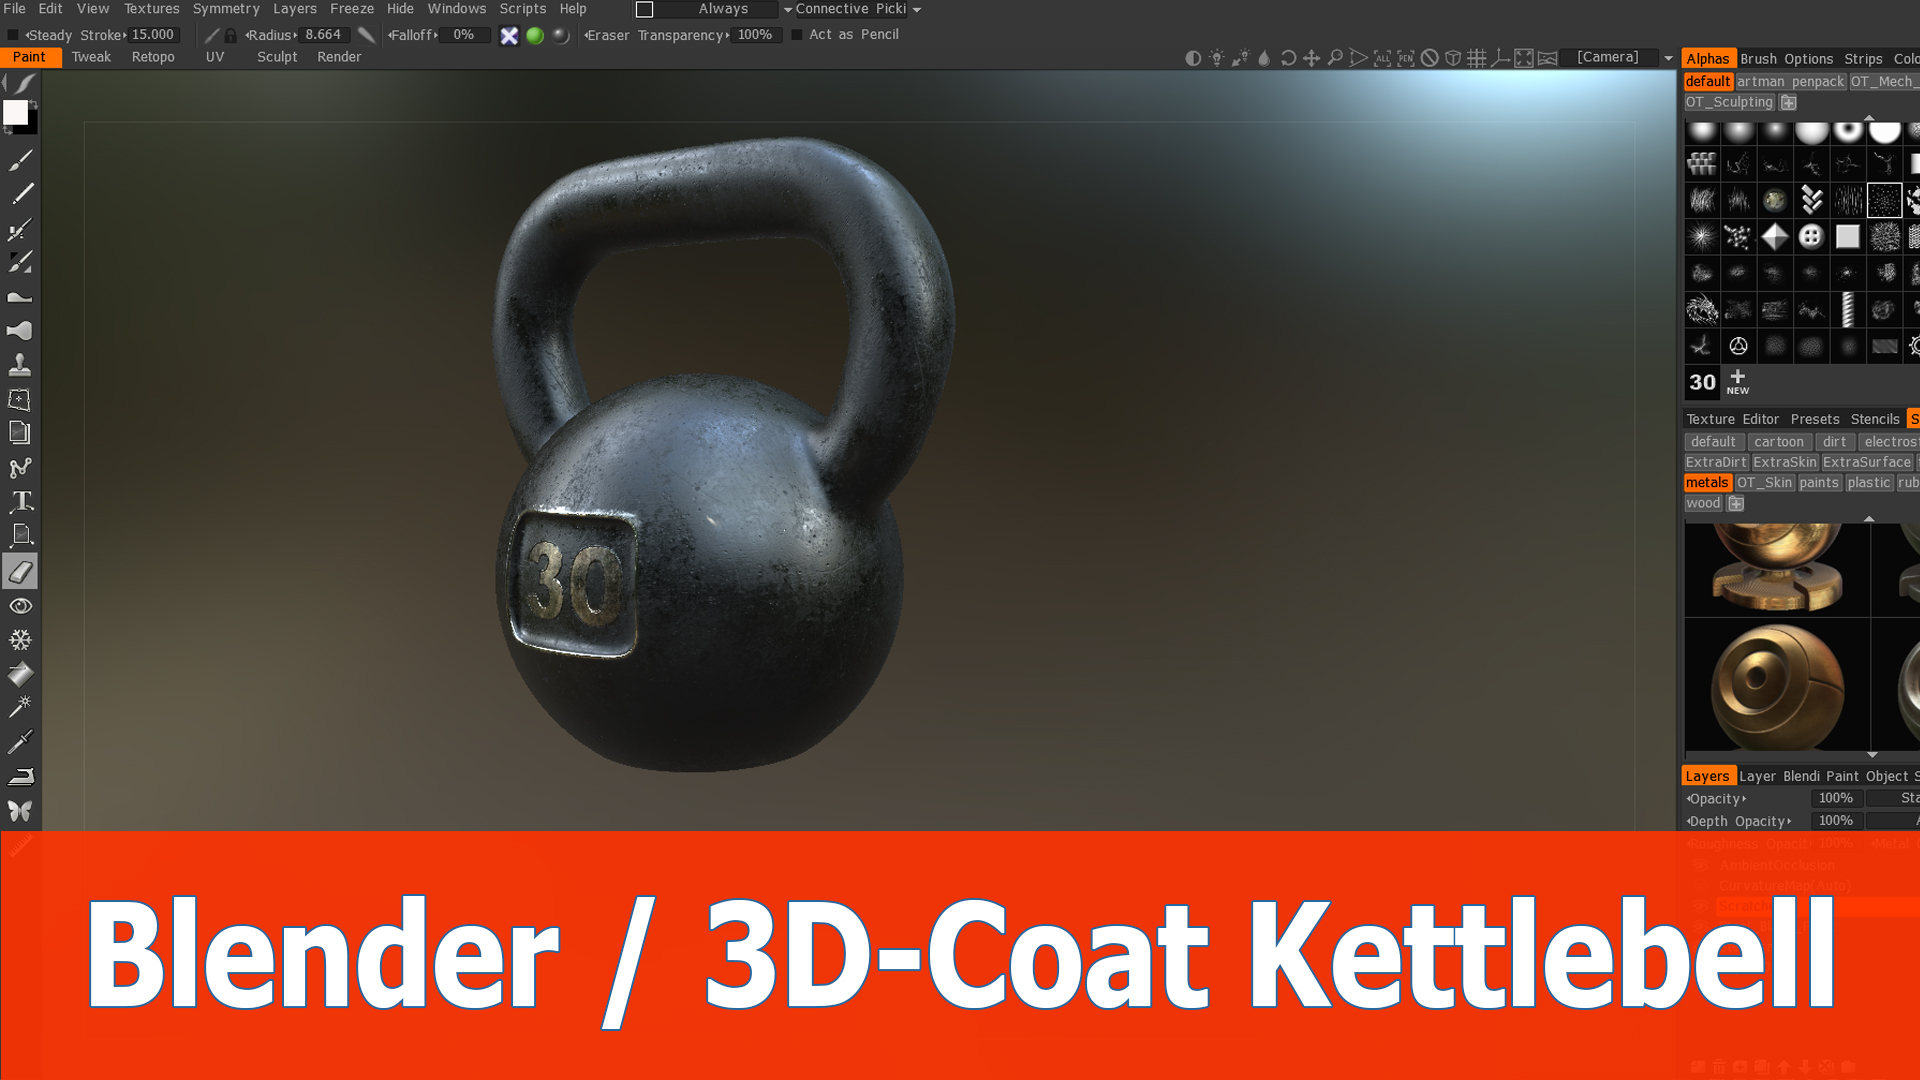 Blender and 3D Coat Create and texture kettlebell BlenderNation